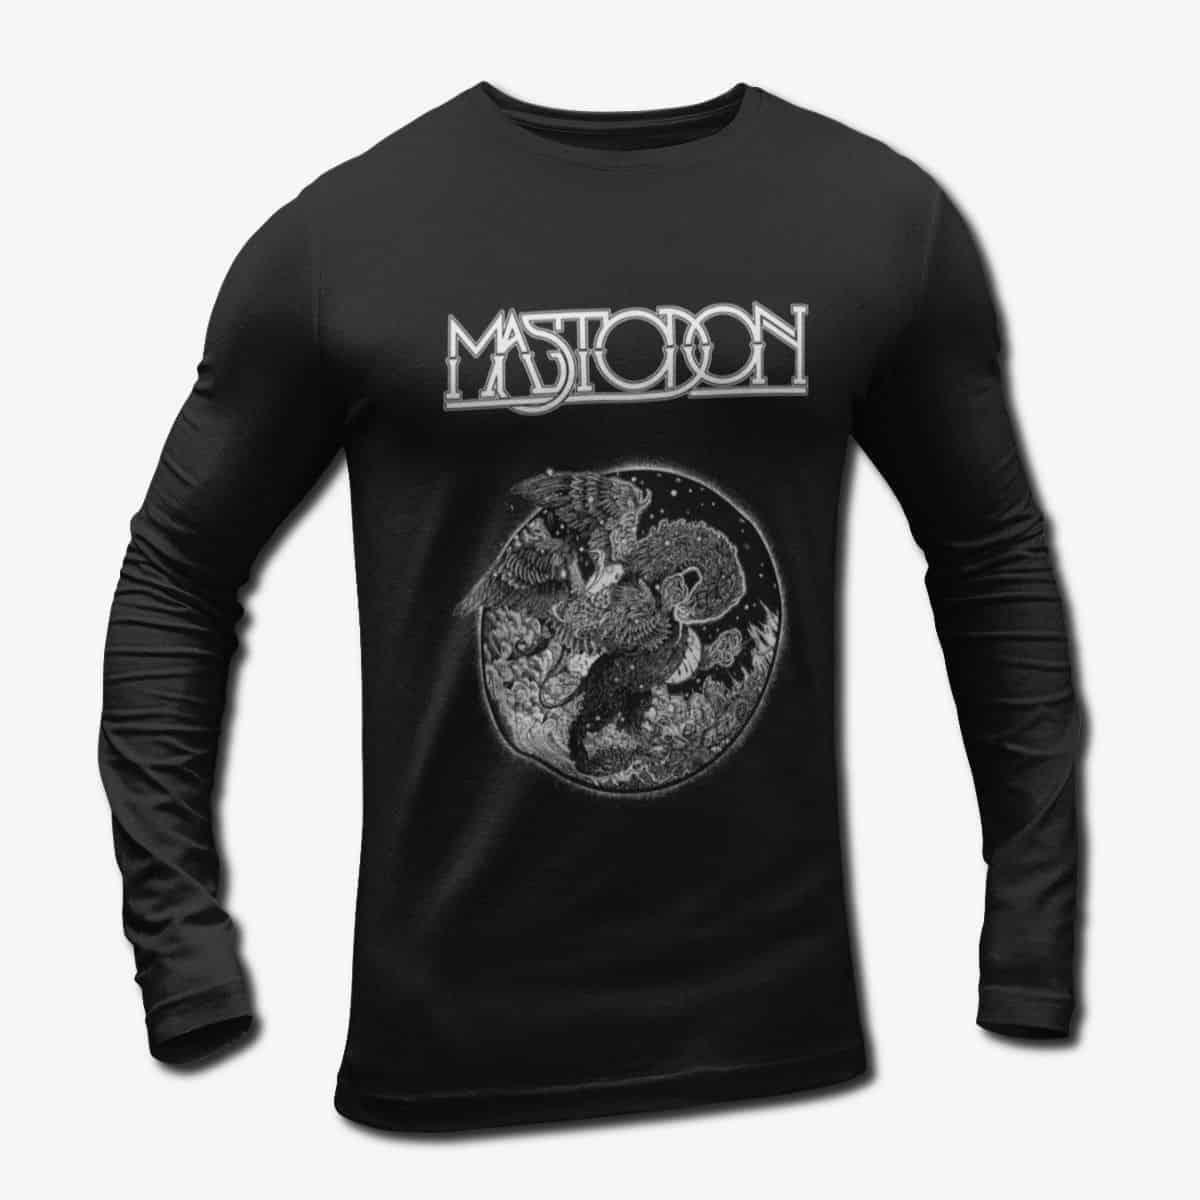 05a71e901 Mastodon Band Long Sleeve T-Shirt, Mastodon Artwork Longsleeve Tee ...